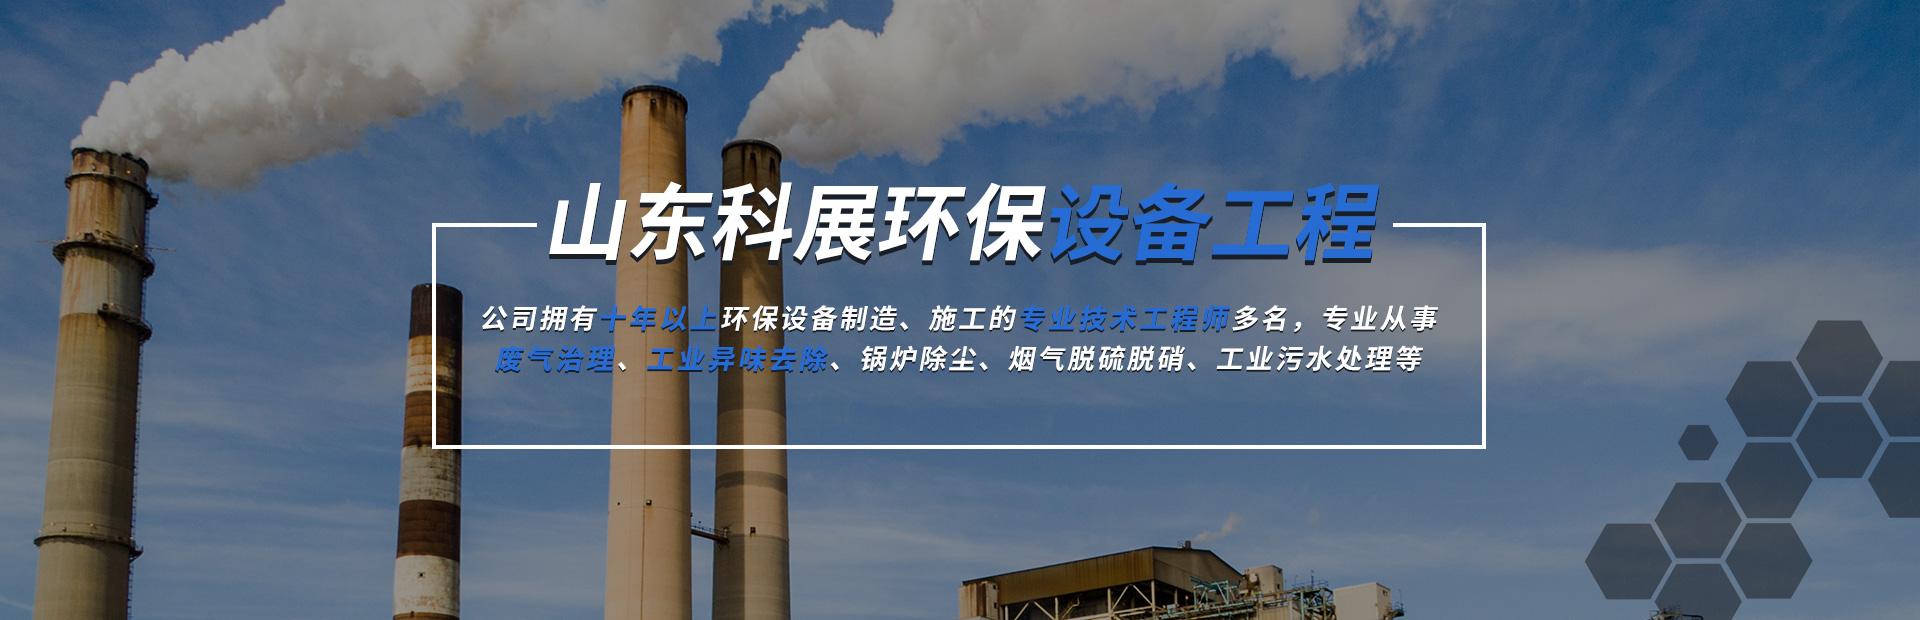 山东科展环保设备工程有限公司